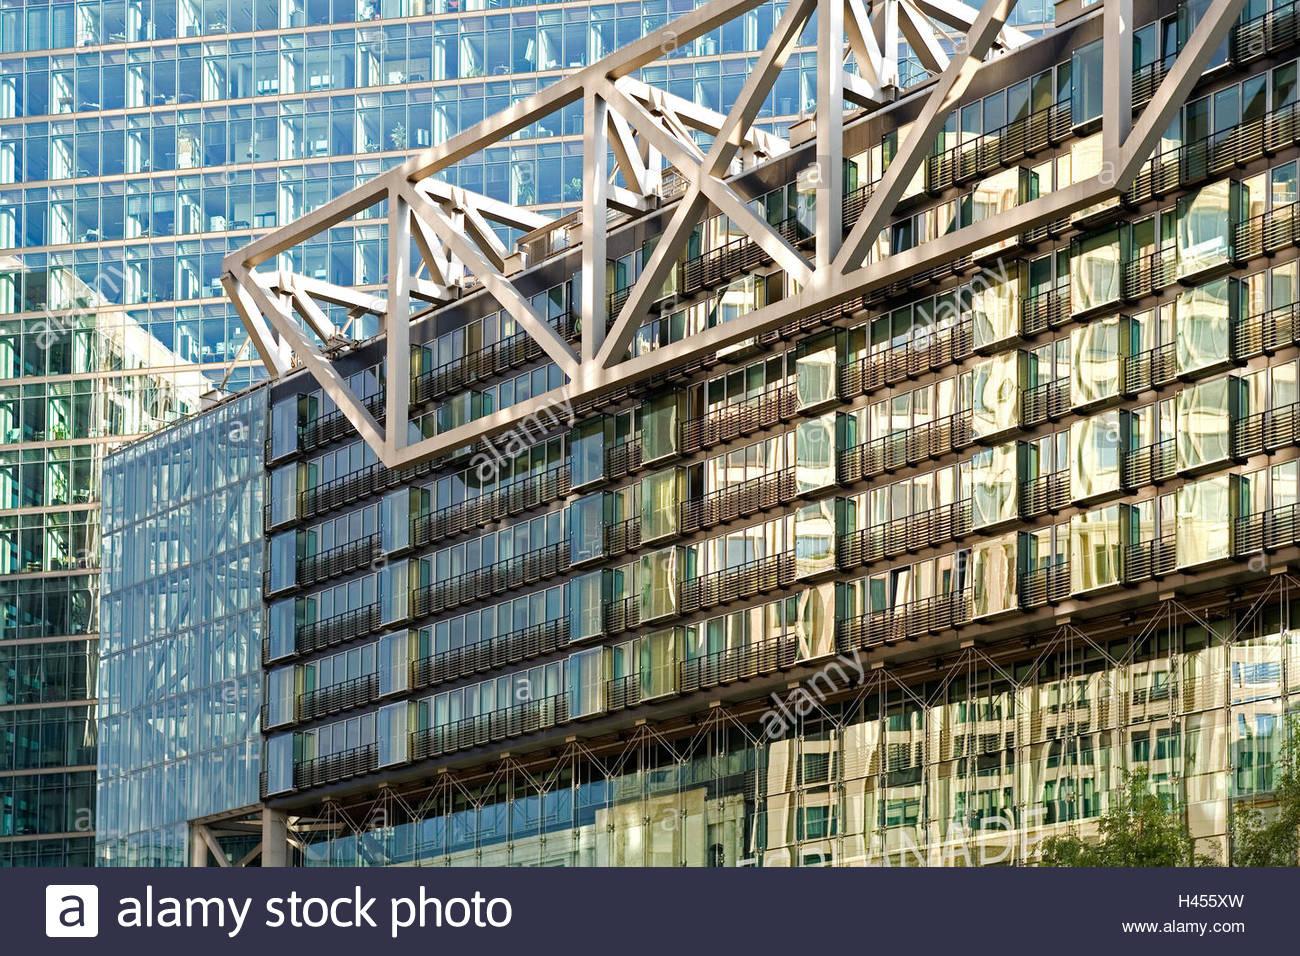 Häuserfassaden Modern bürogebäude glasfassaden reflexion wolkenkratzer fassaden